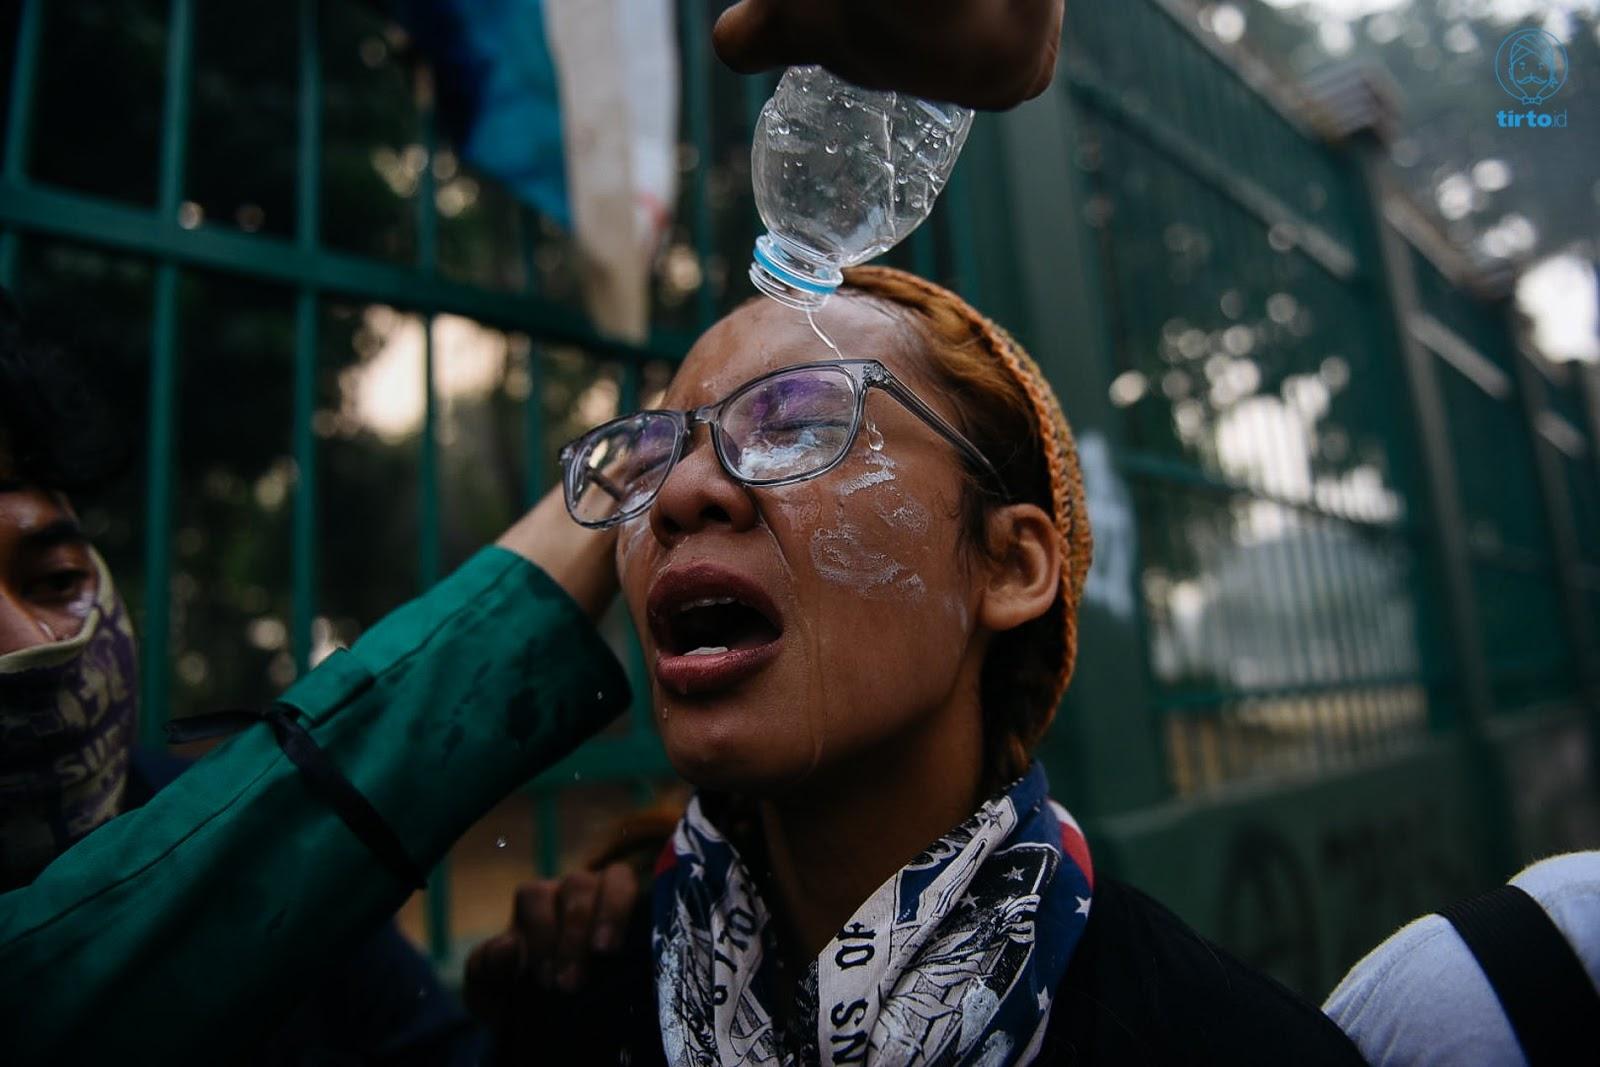 Jawaban Konyol Polisi Sehabis Nendang Wartawan